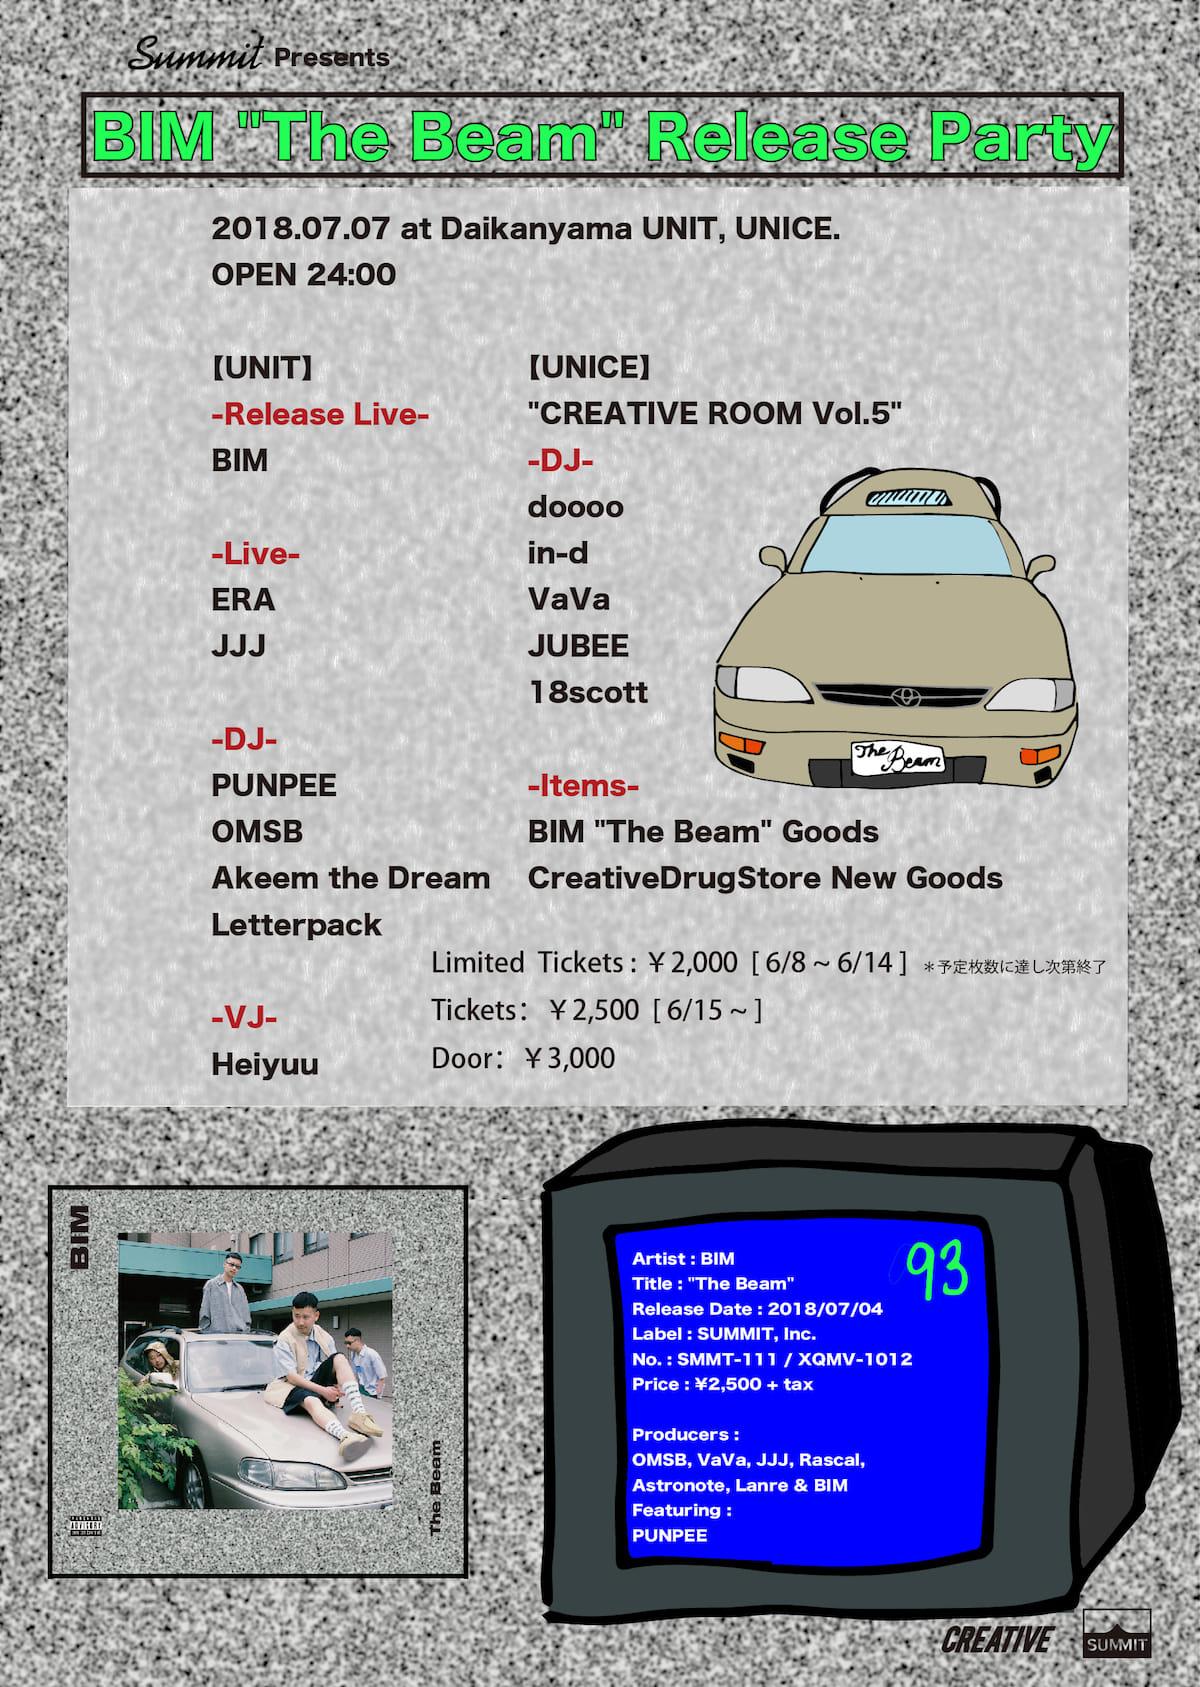 1stソロアルバムをリリースするBIMのリリースパーティーが開催決定│アルバム参加のPUNPEEやOMSB、VaVaらが登場&「CREATIVE ROOM Vol.5」も 8b389a459f88c2cdc23b27325697892e-1200x1687